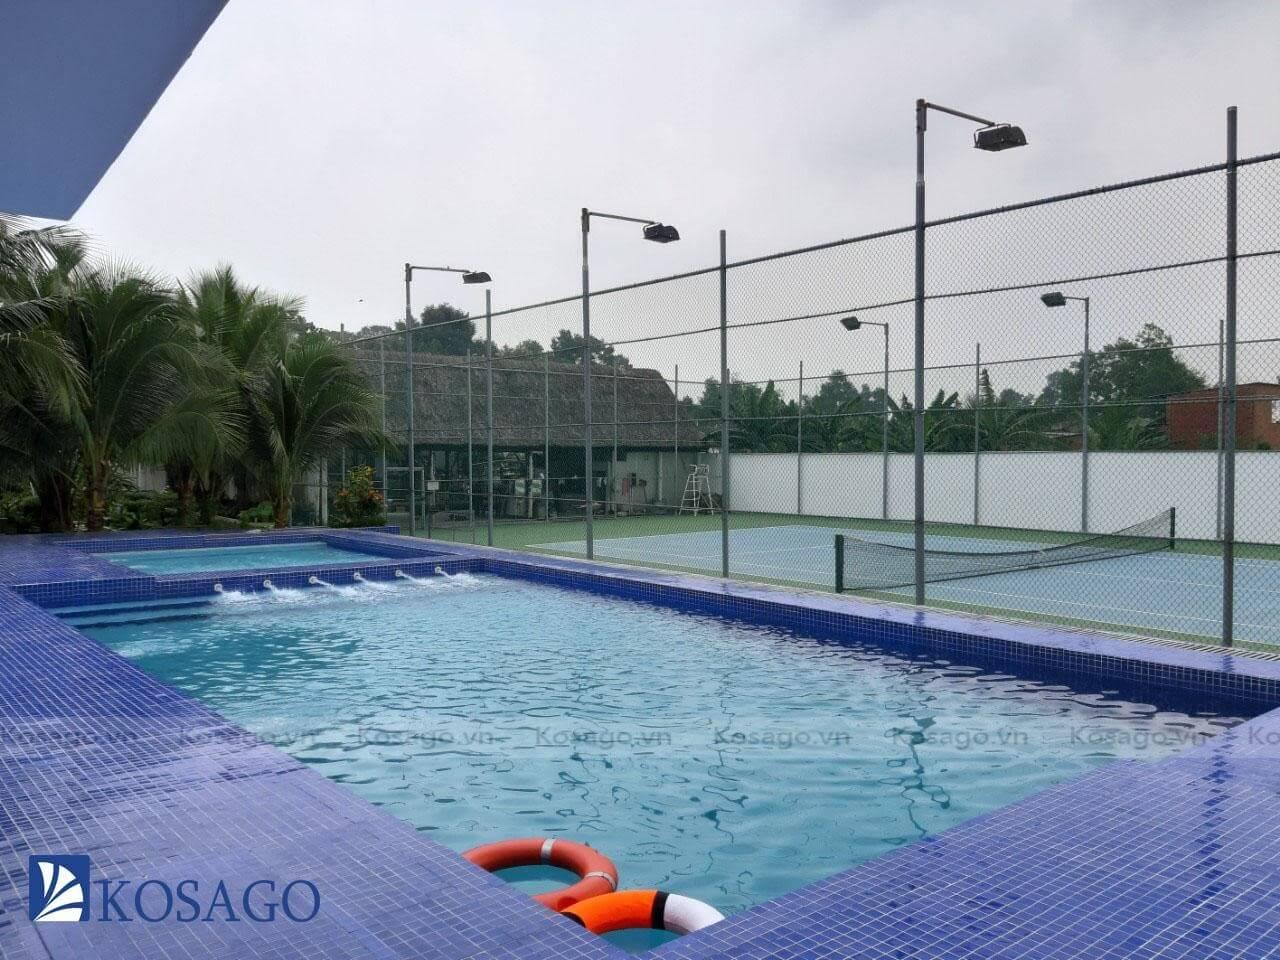 Kosago hoàn thành ốp lát gạch mosaic cho bể bơi anh Giang, Sài Gòn